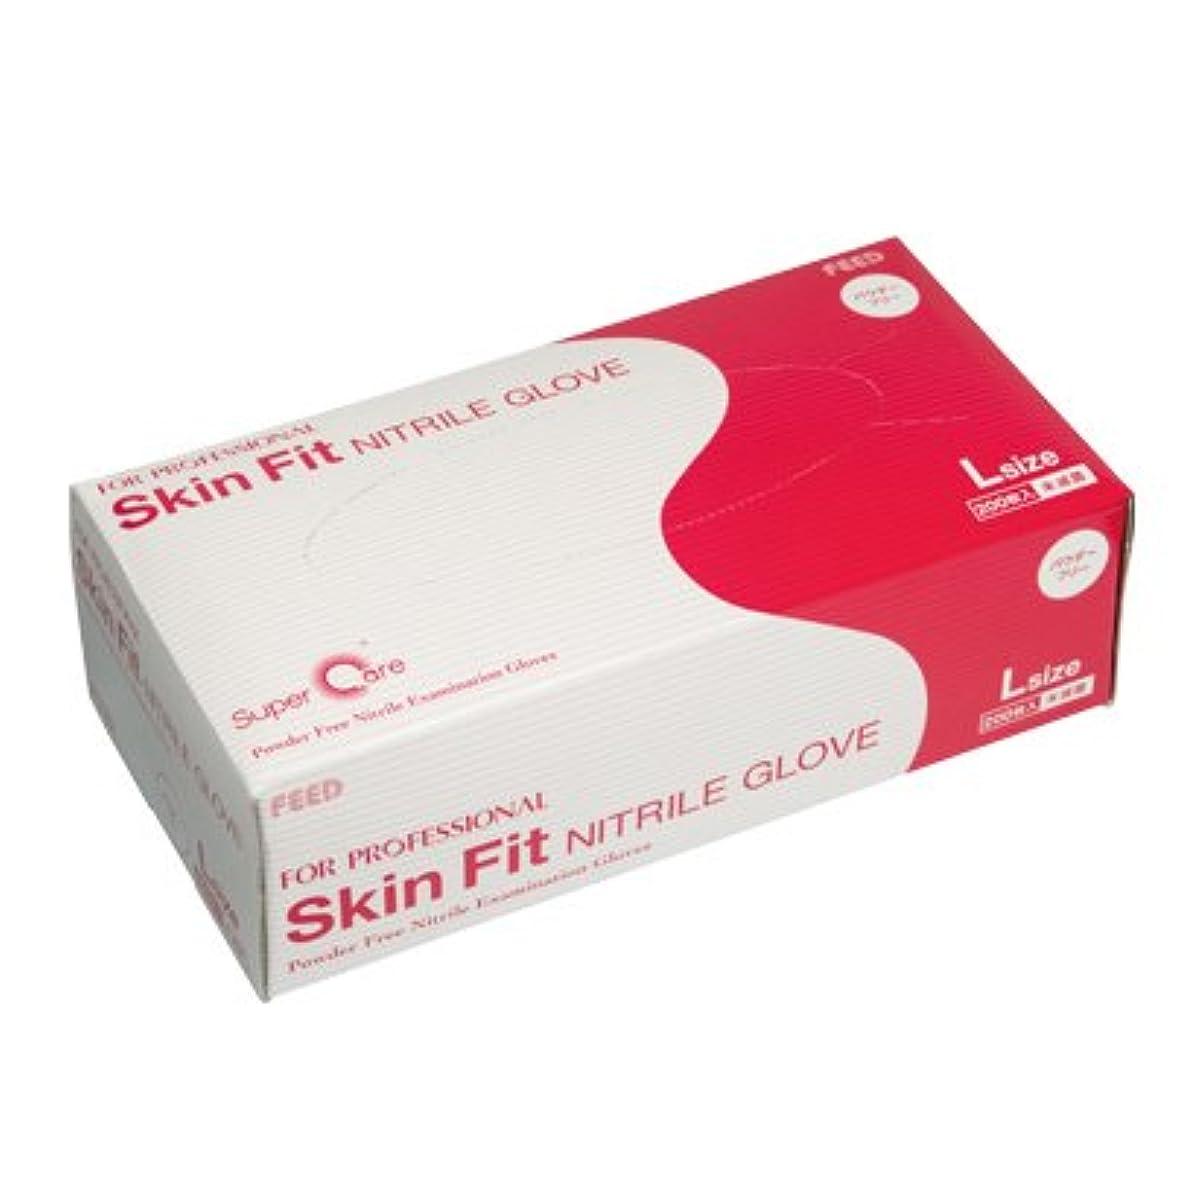 硬化する提供された豆FEED(フィード) Skin Fit ニトリルグローブ パウダーフリー L カートン(200枚入×10ケース) (医療機器)